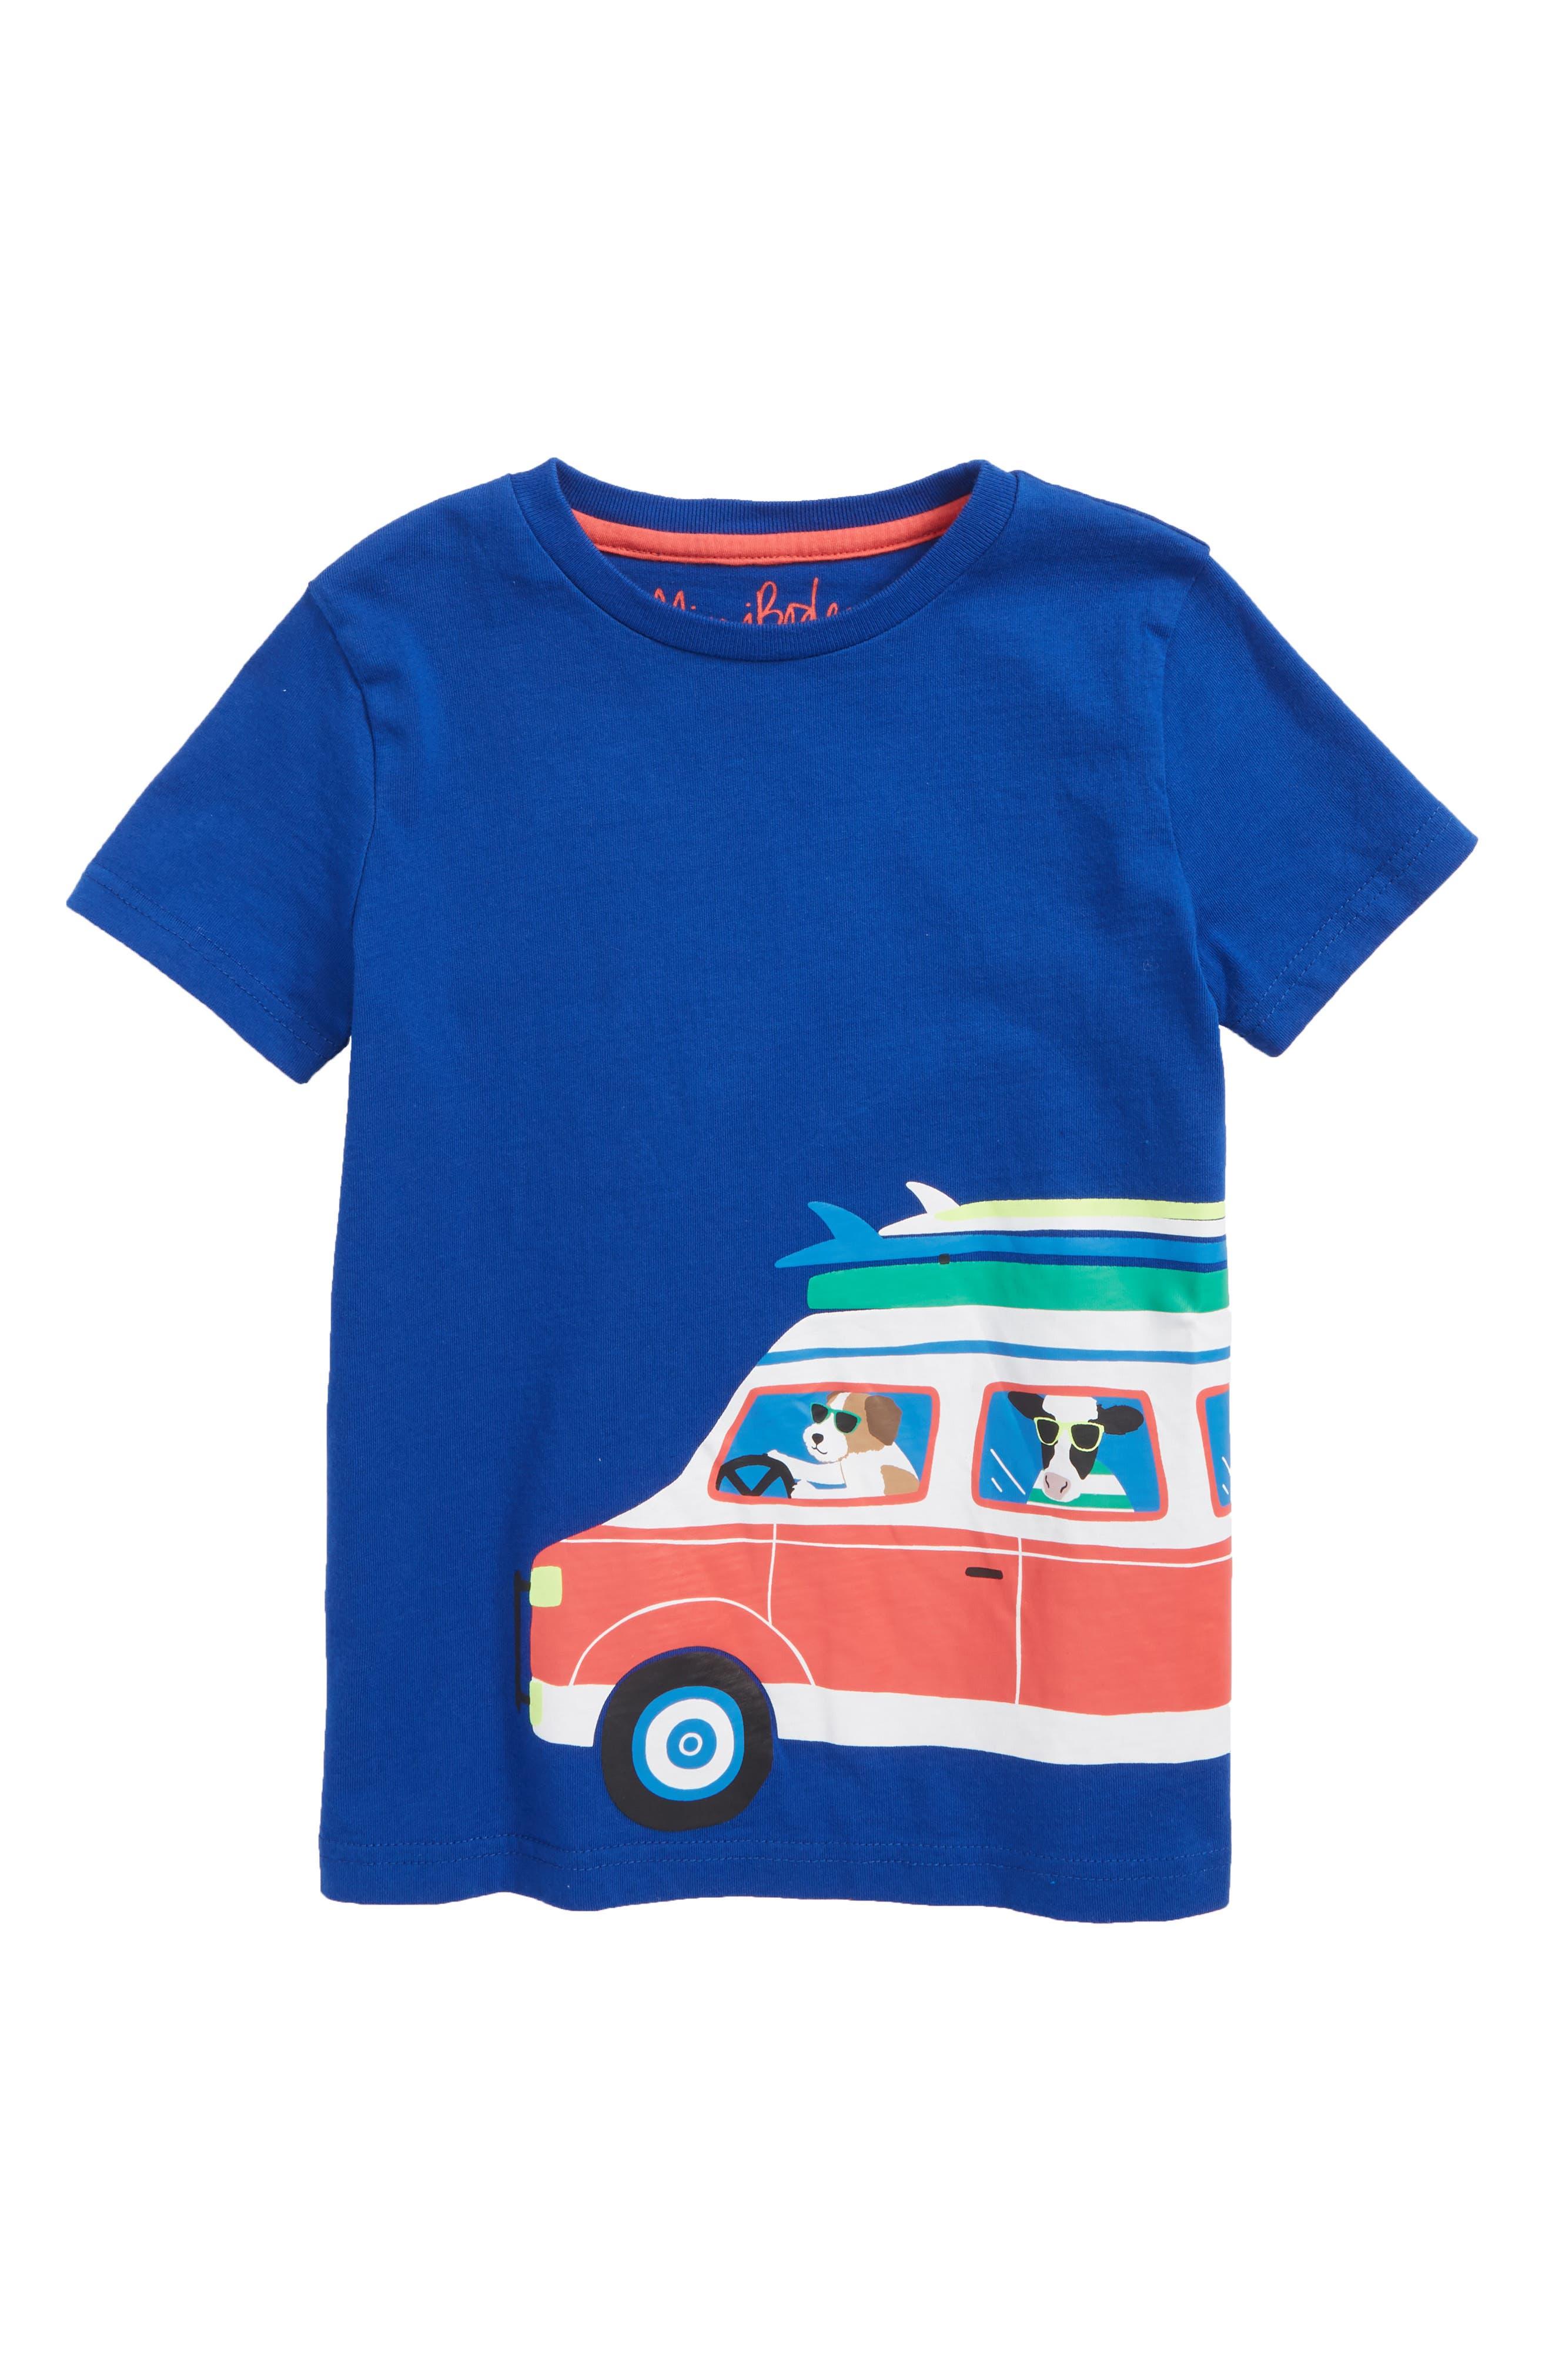 Surf Van Graphic T-Shirt,                             Main thumbnail 1, color,                             Orion Blue Surf Friends